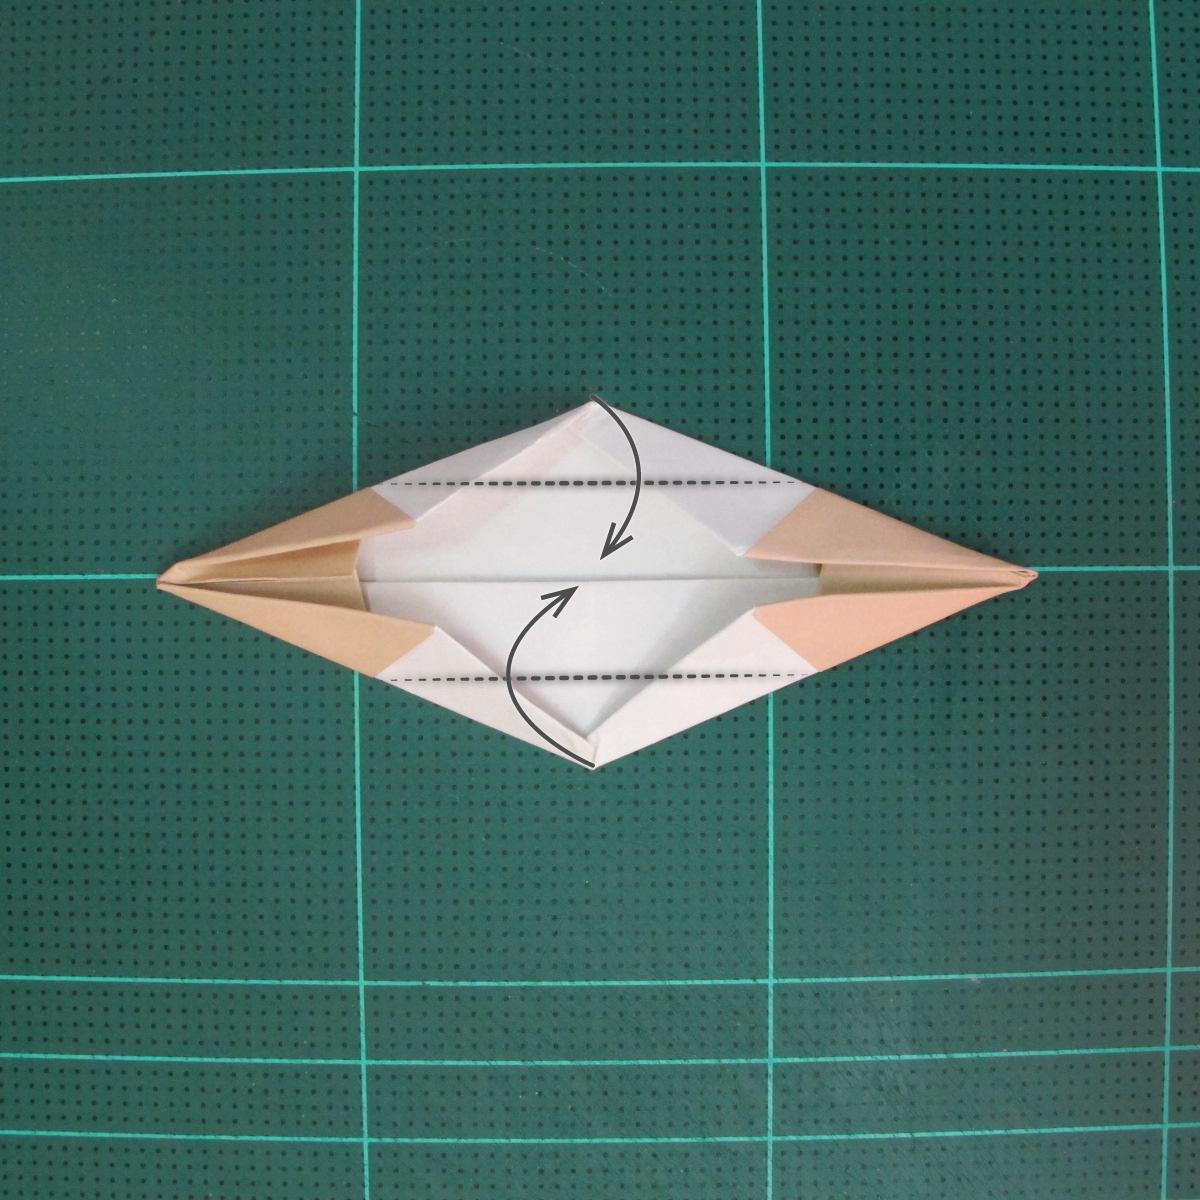 การพับกระดาษเป็นรูปเรือเรือสำปั้น (Origami Sampan) 009